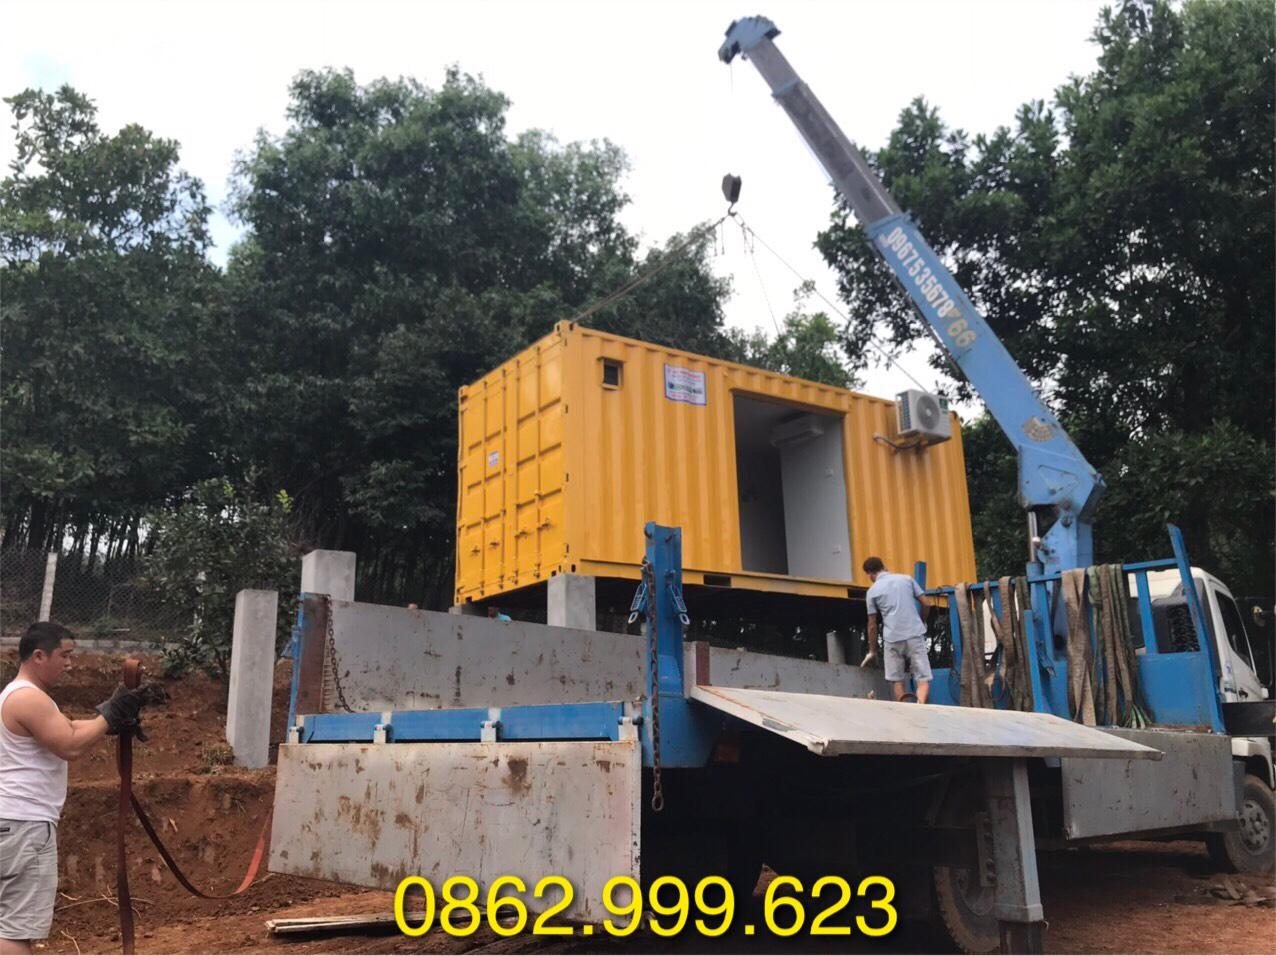 Cho thuê container văn phòng, container cũ tại khu vực miền Bắc